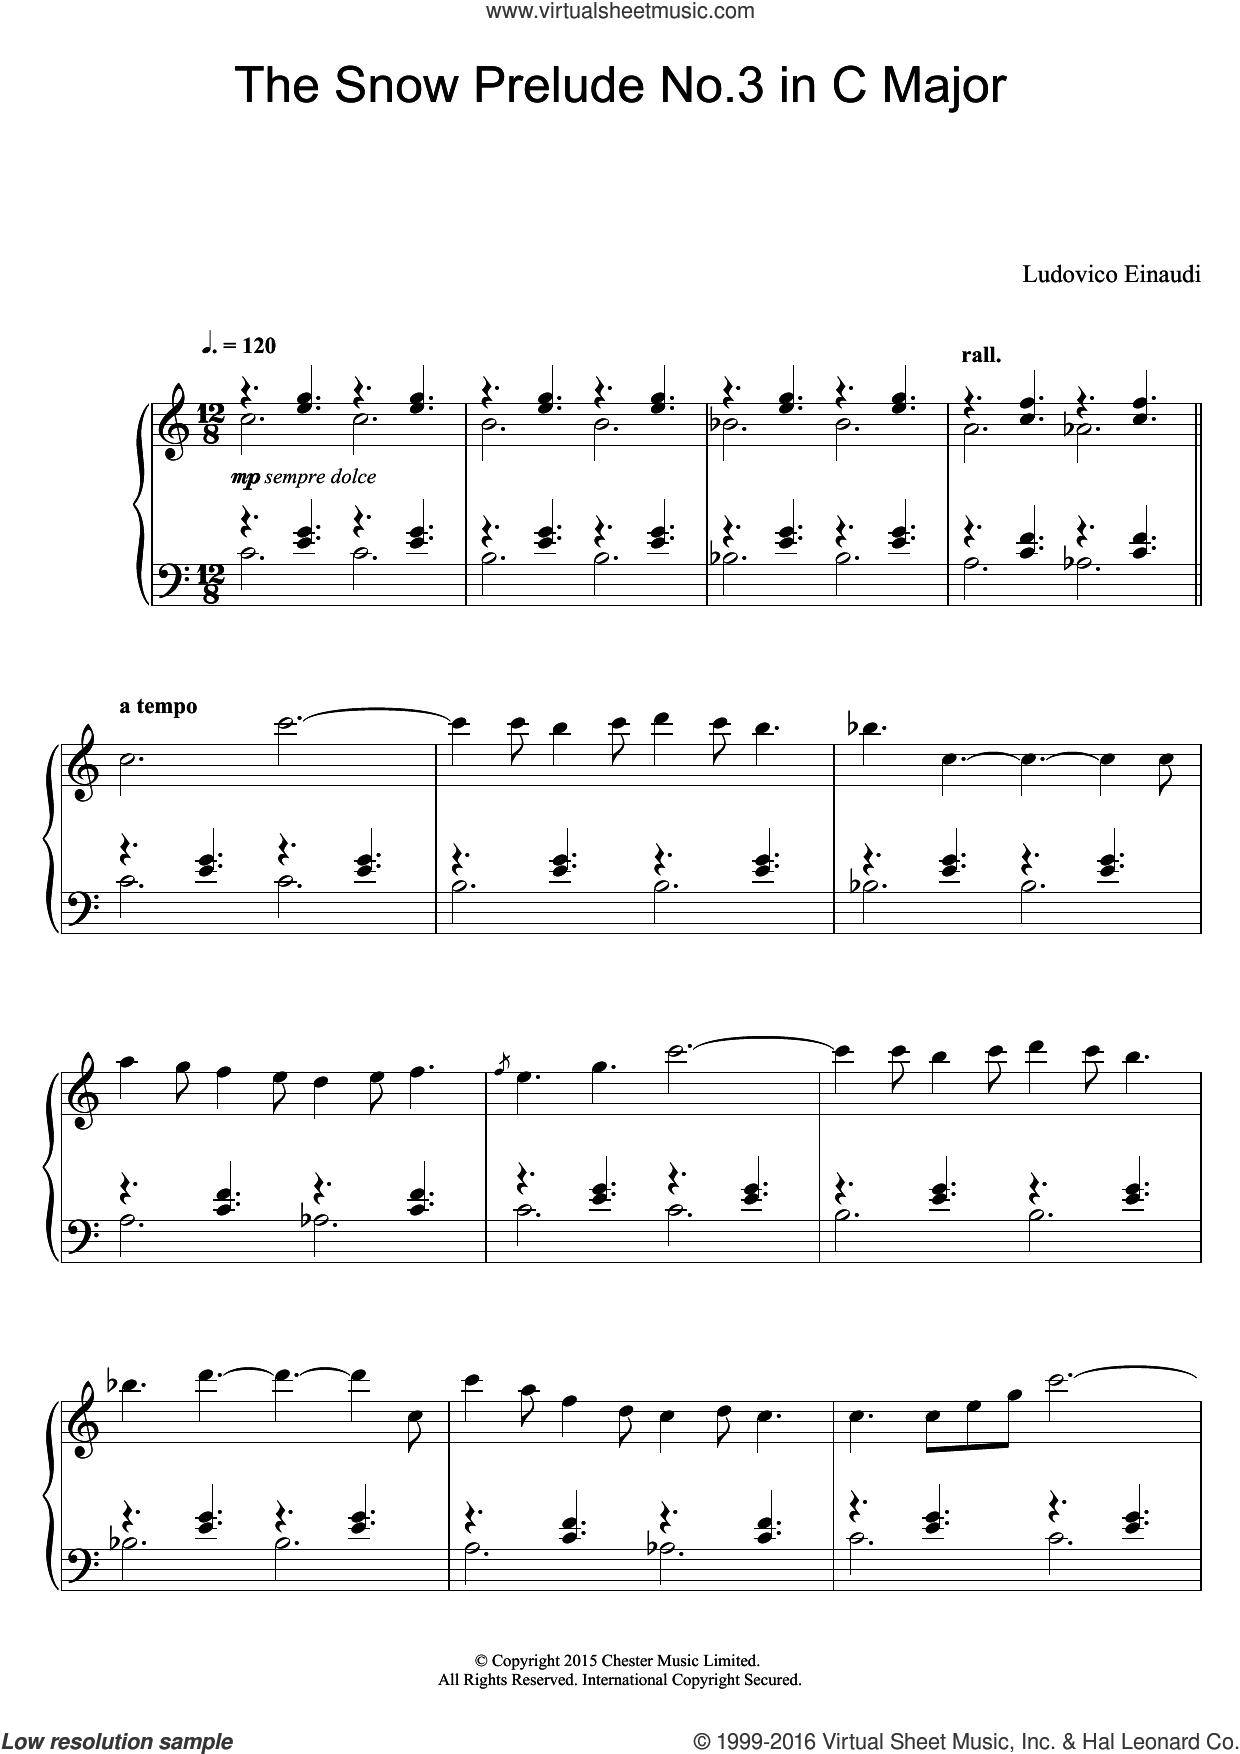 The Snow Prelude No. 3 In C Major sheet music for piano solo by Ludovico Einaudi, classical score, intermediate skill level